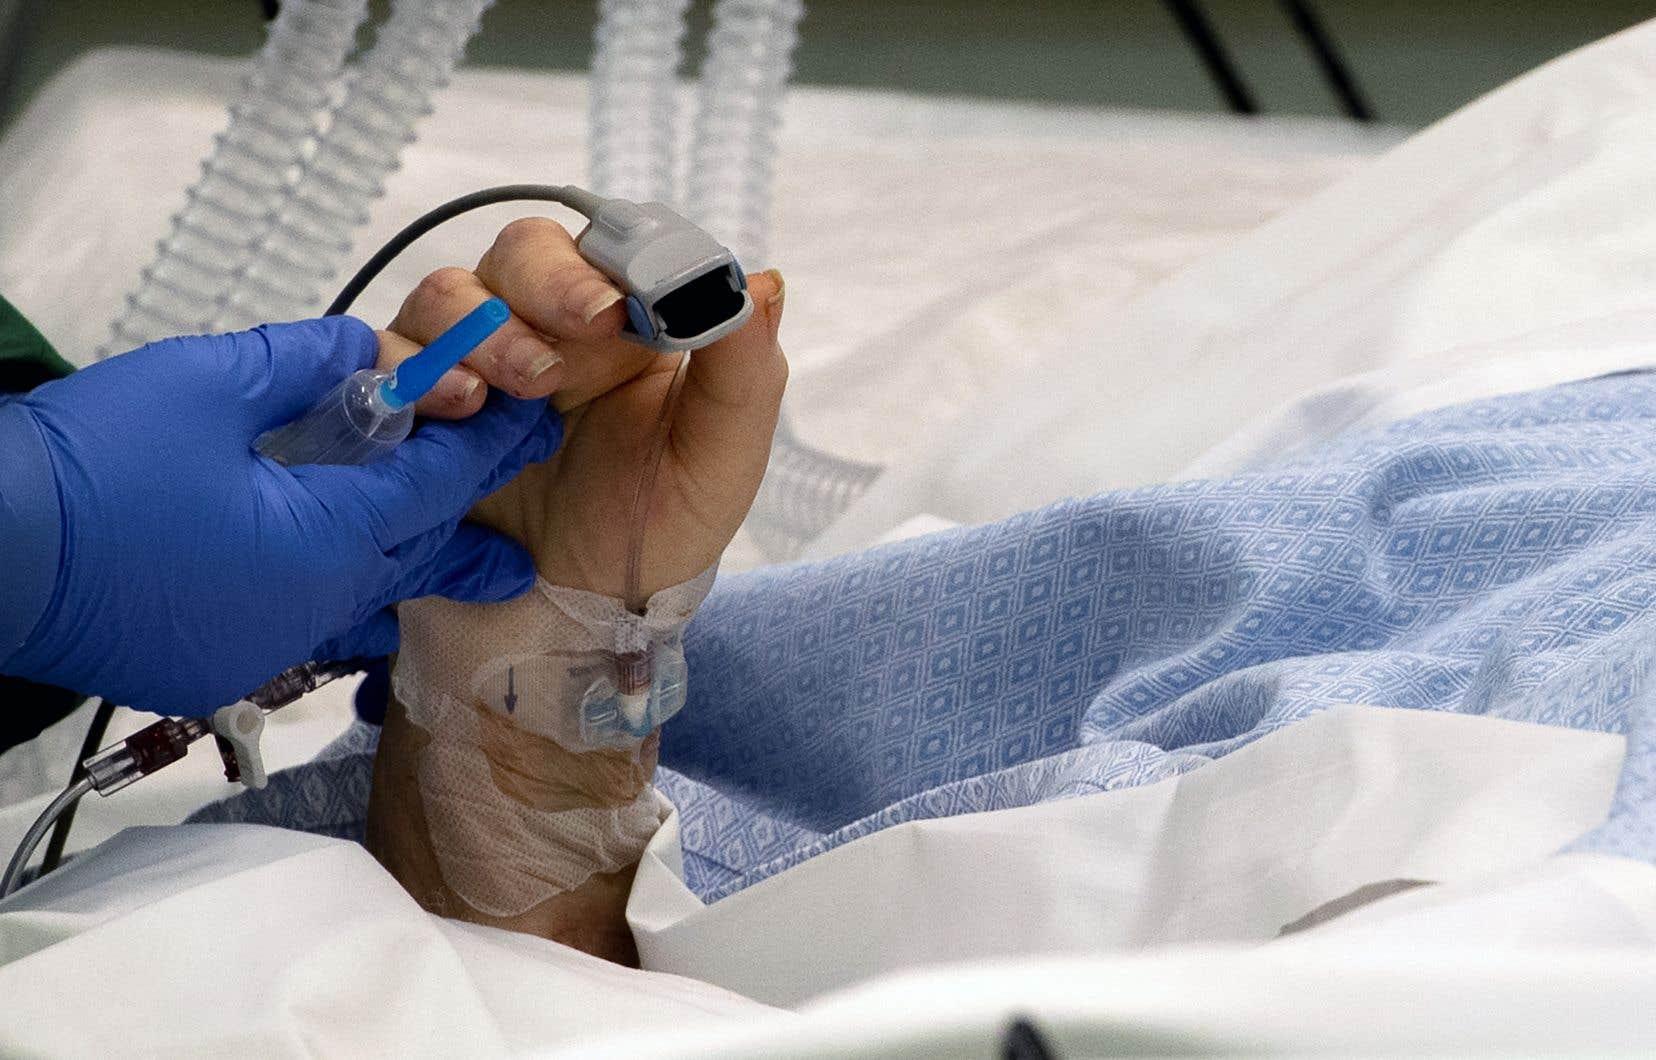 Sur le terrain, des médecins constatent que la gestion des lits est serrée, indépendamment de la pénurie de personnel.